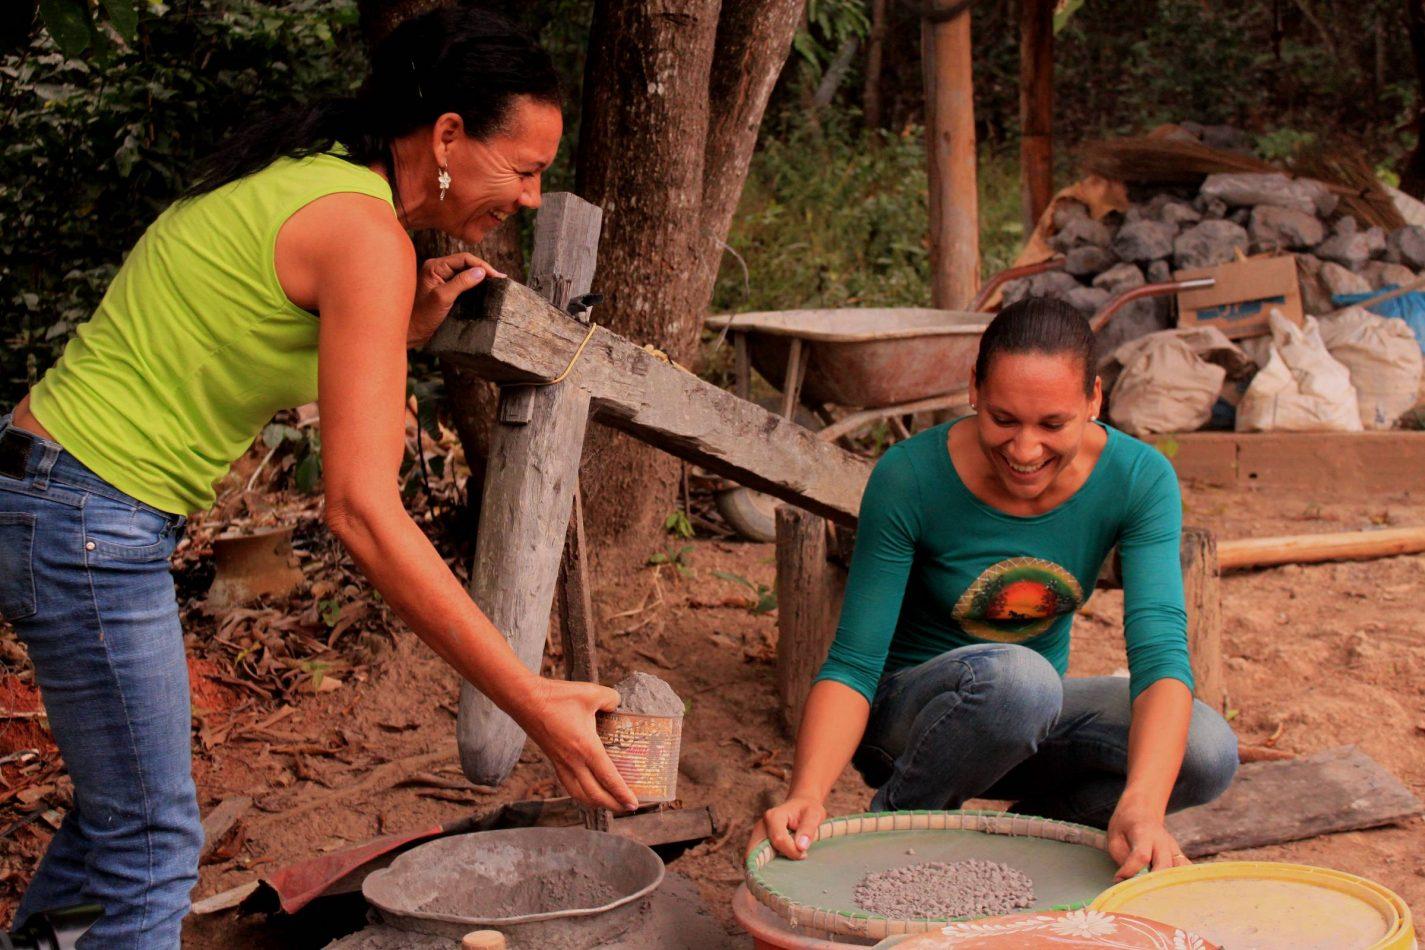 Turismo de impacto arrecada doações para comunidades vulneráveis – Folha de S. Paulo